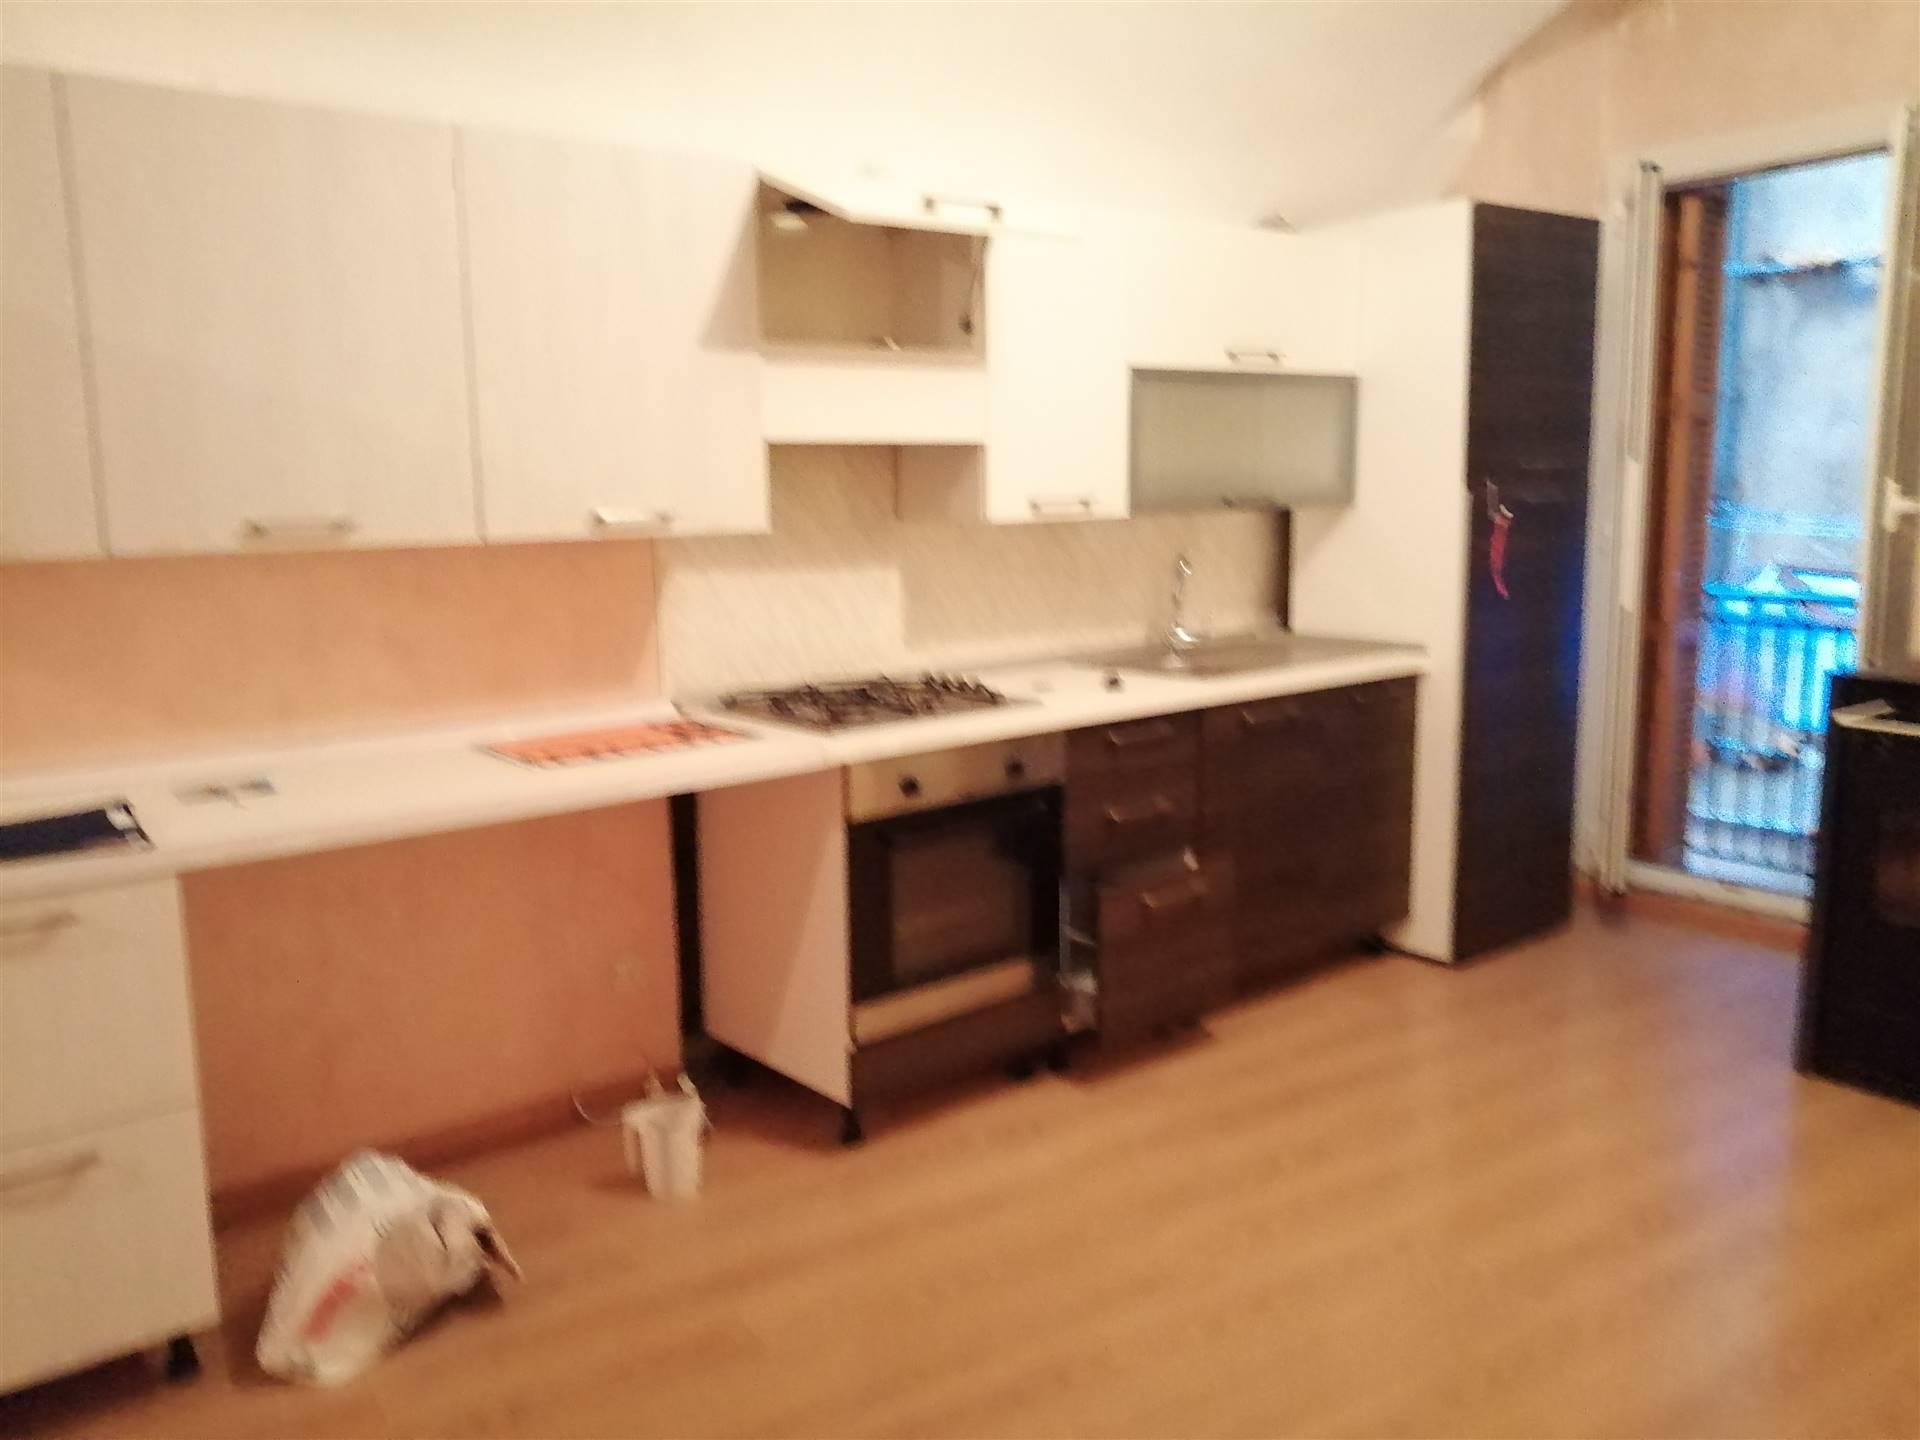 Appartamento in vendita a Camporosso, 2 locali, prezzo € 85.000 | CambioCasa.it